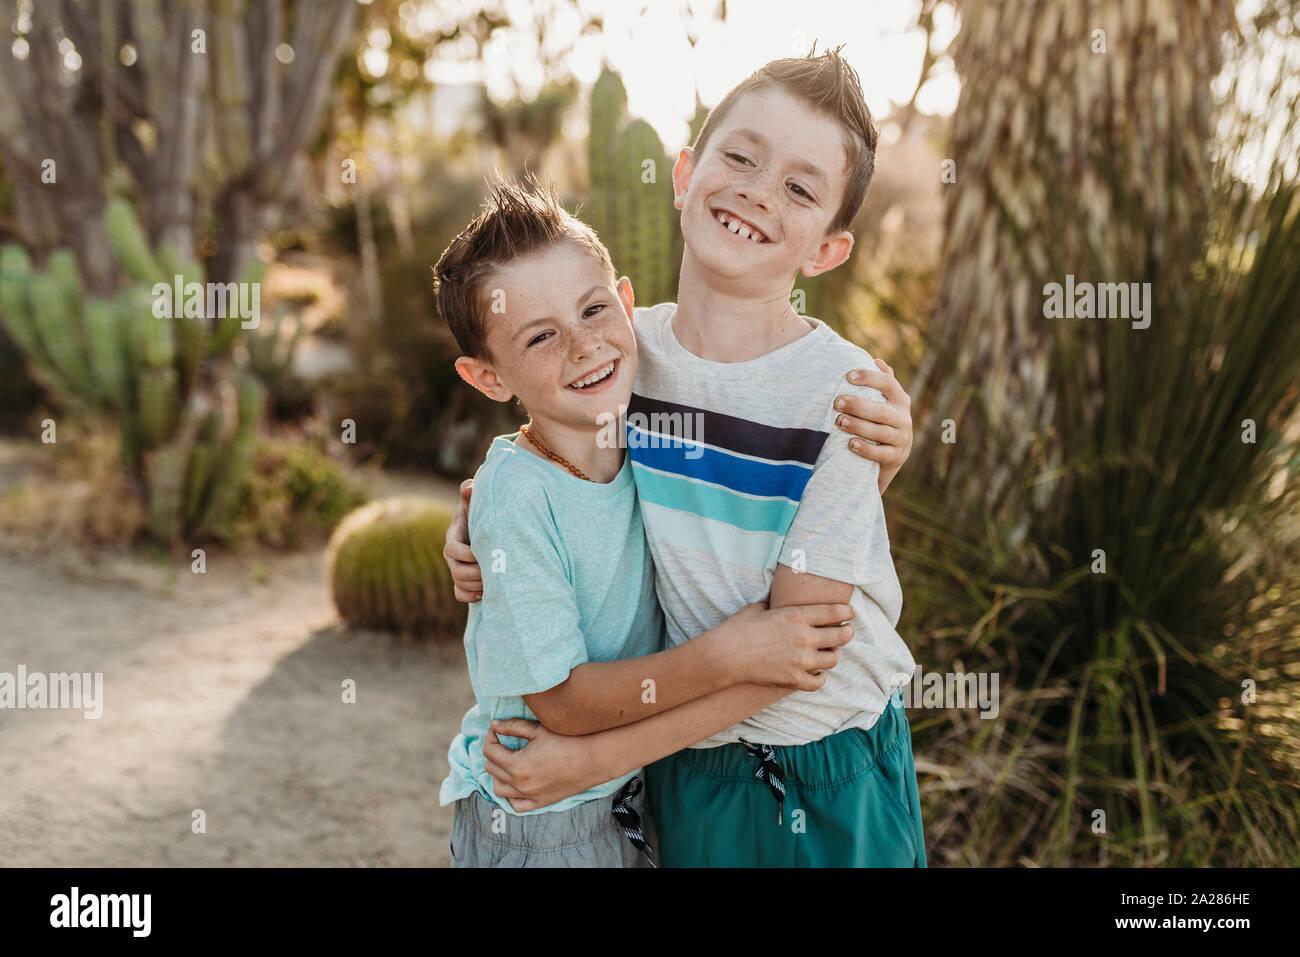 Fröhliche Brüder umarmen und lächelnd im sonnigen Kaktus Garten Stockfoto